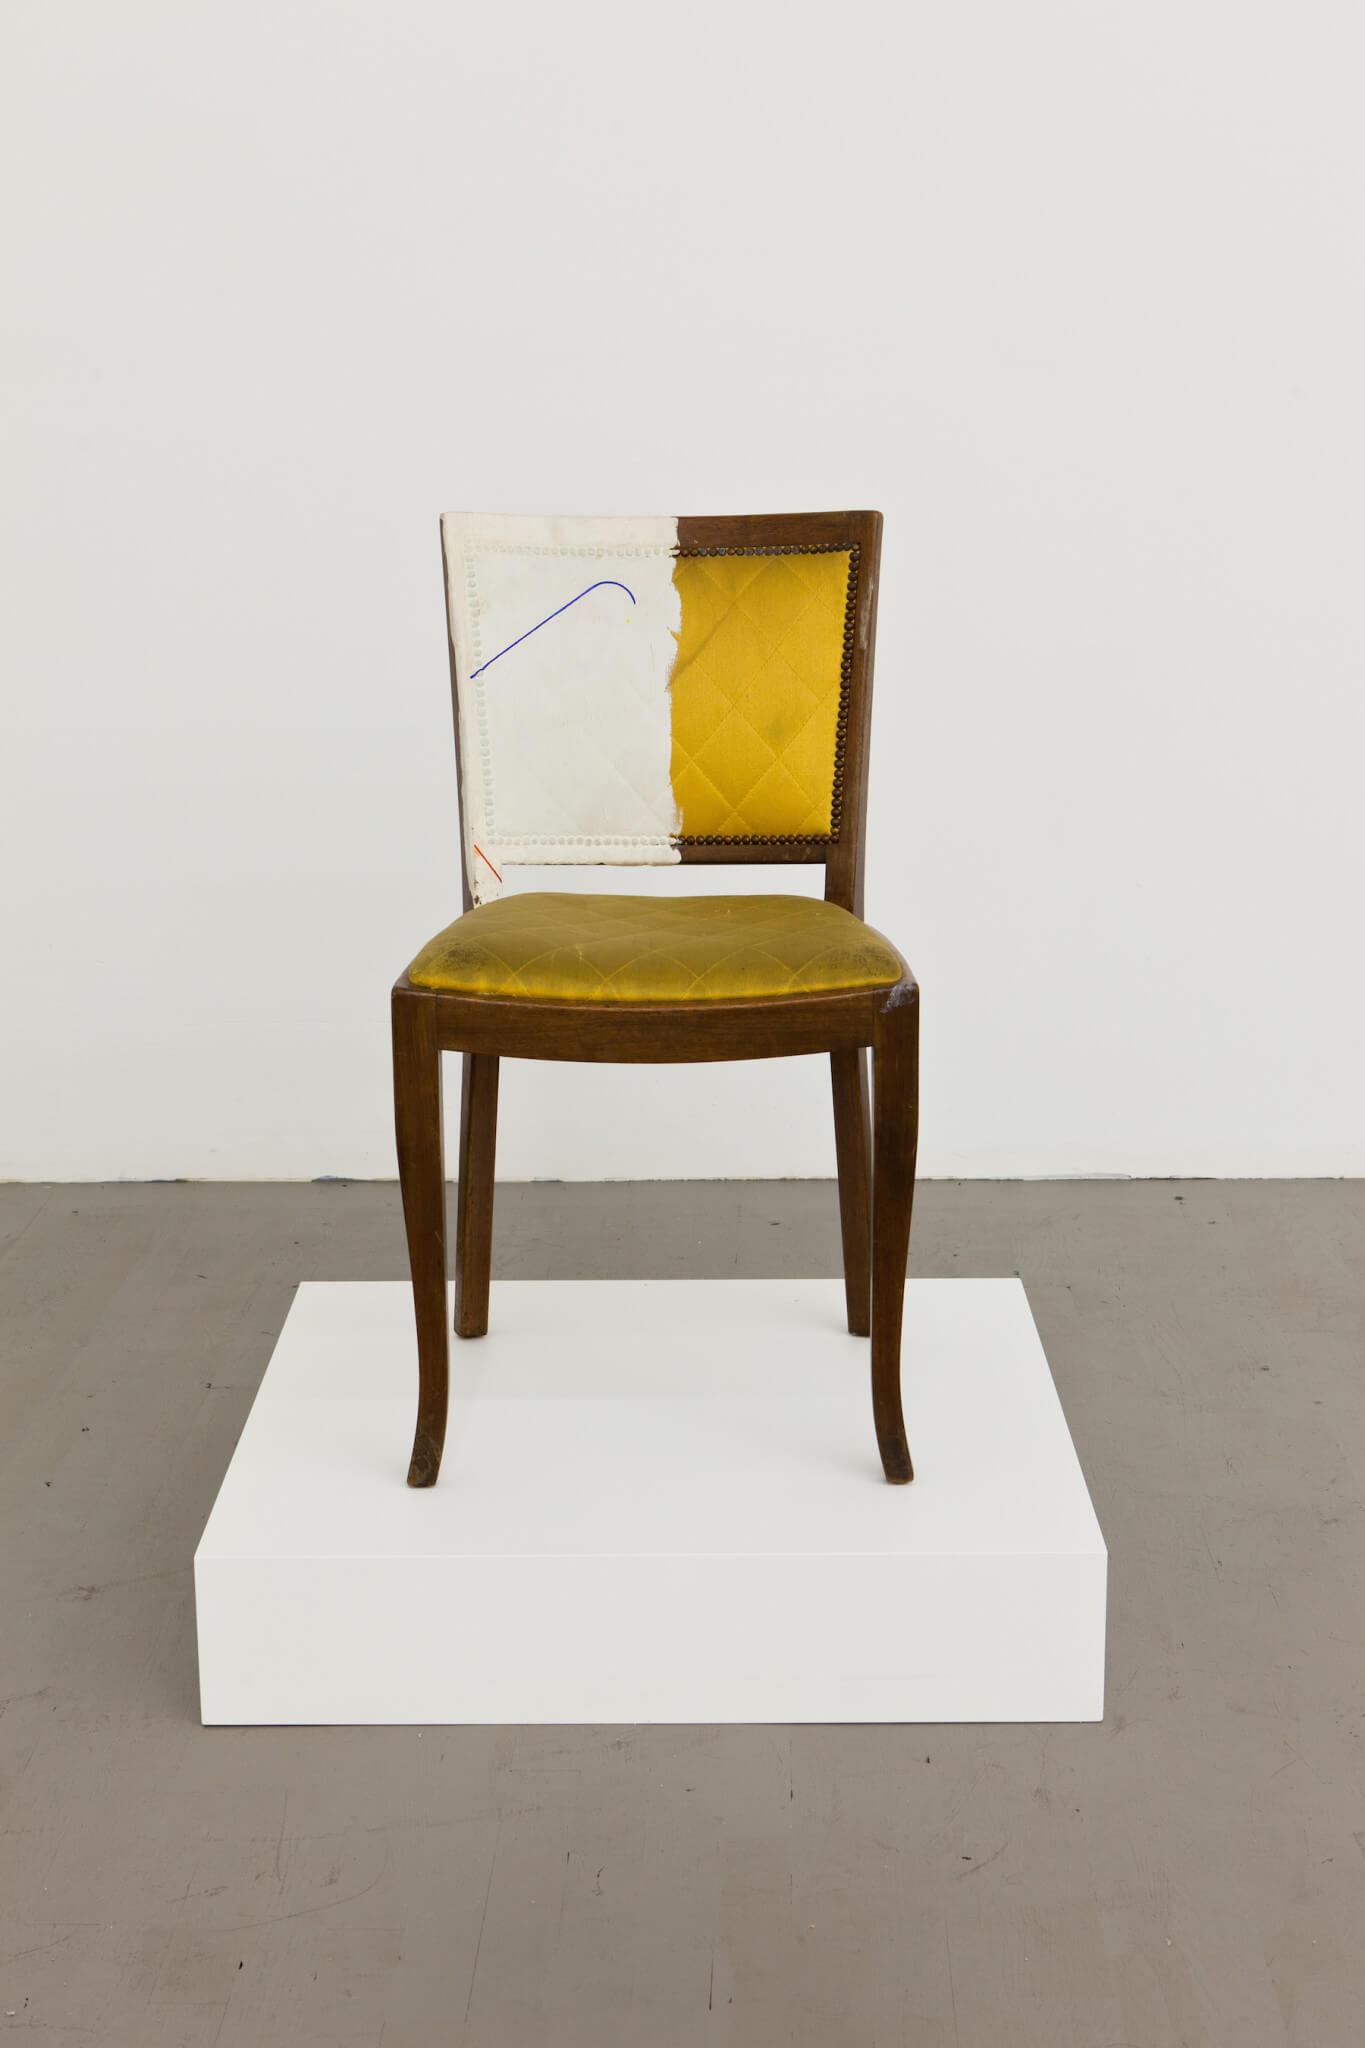 contemporary art furniture. Furniture Sculptures | Contemporary Art Daily. Oct 23 2012 Contemporary Art Furniture B